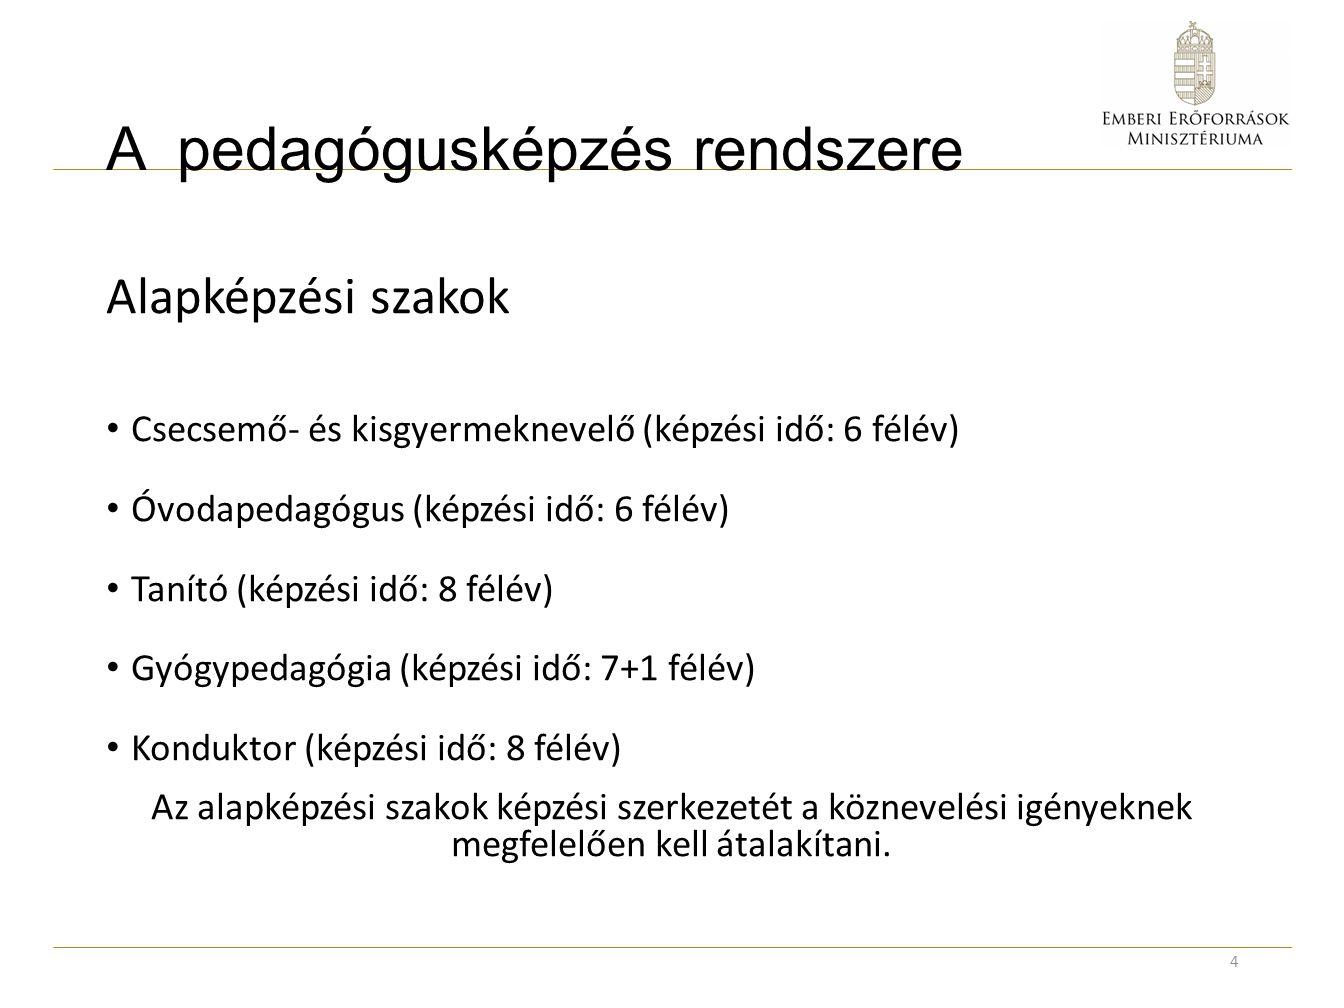 Alapképzési szakok Csecsemő- és kisgyermeknevelő (képzési idő: 6 félév) Óvodapedagógus (képzési idő: 6 félév) Tanító (képzési idő: 8 félév) Gyógypedag